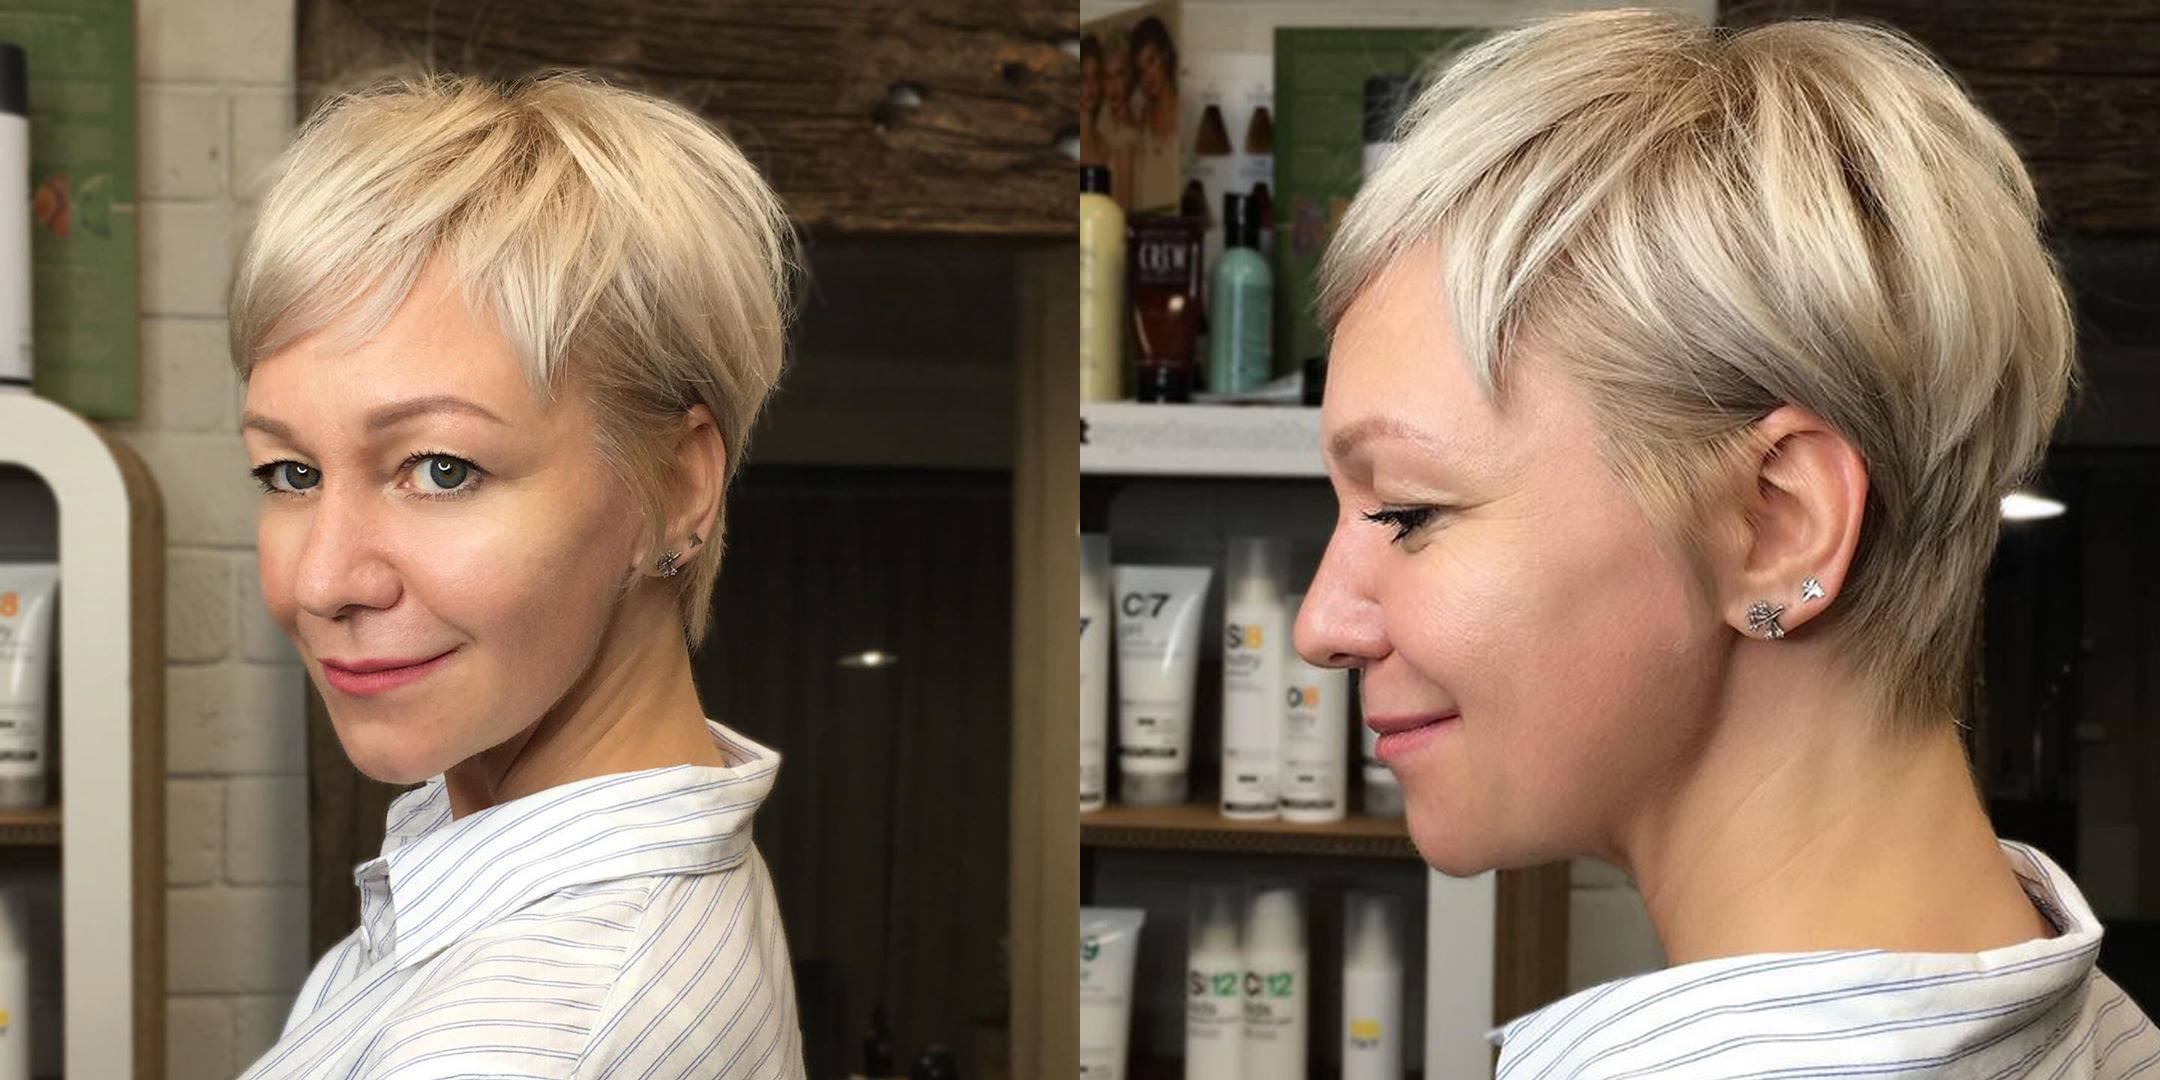 Стрижка пикси на короткие волосы_фото спереди сзади